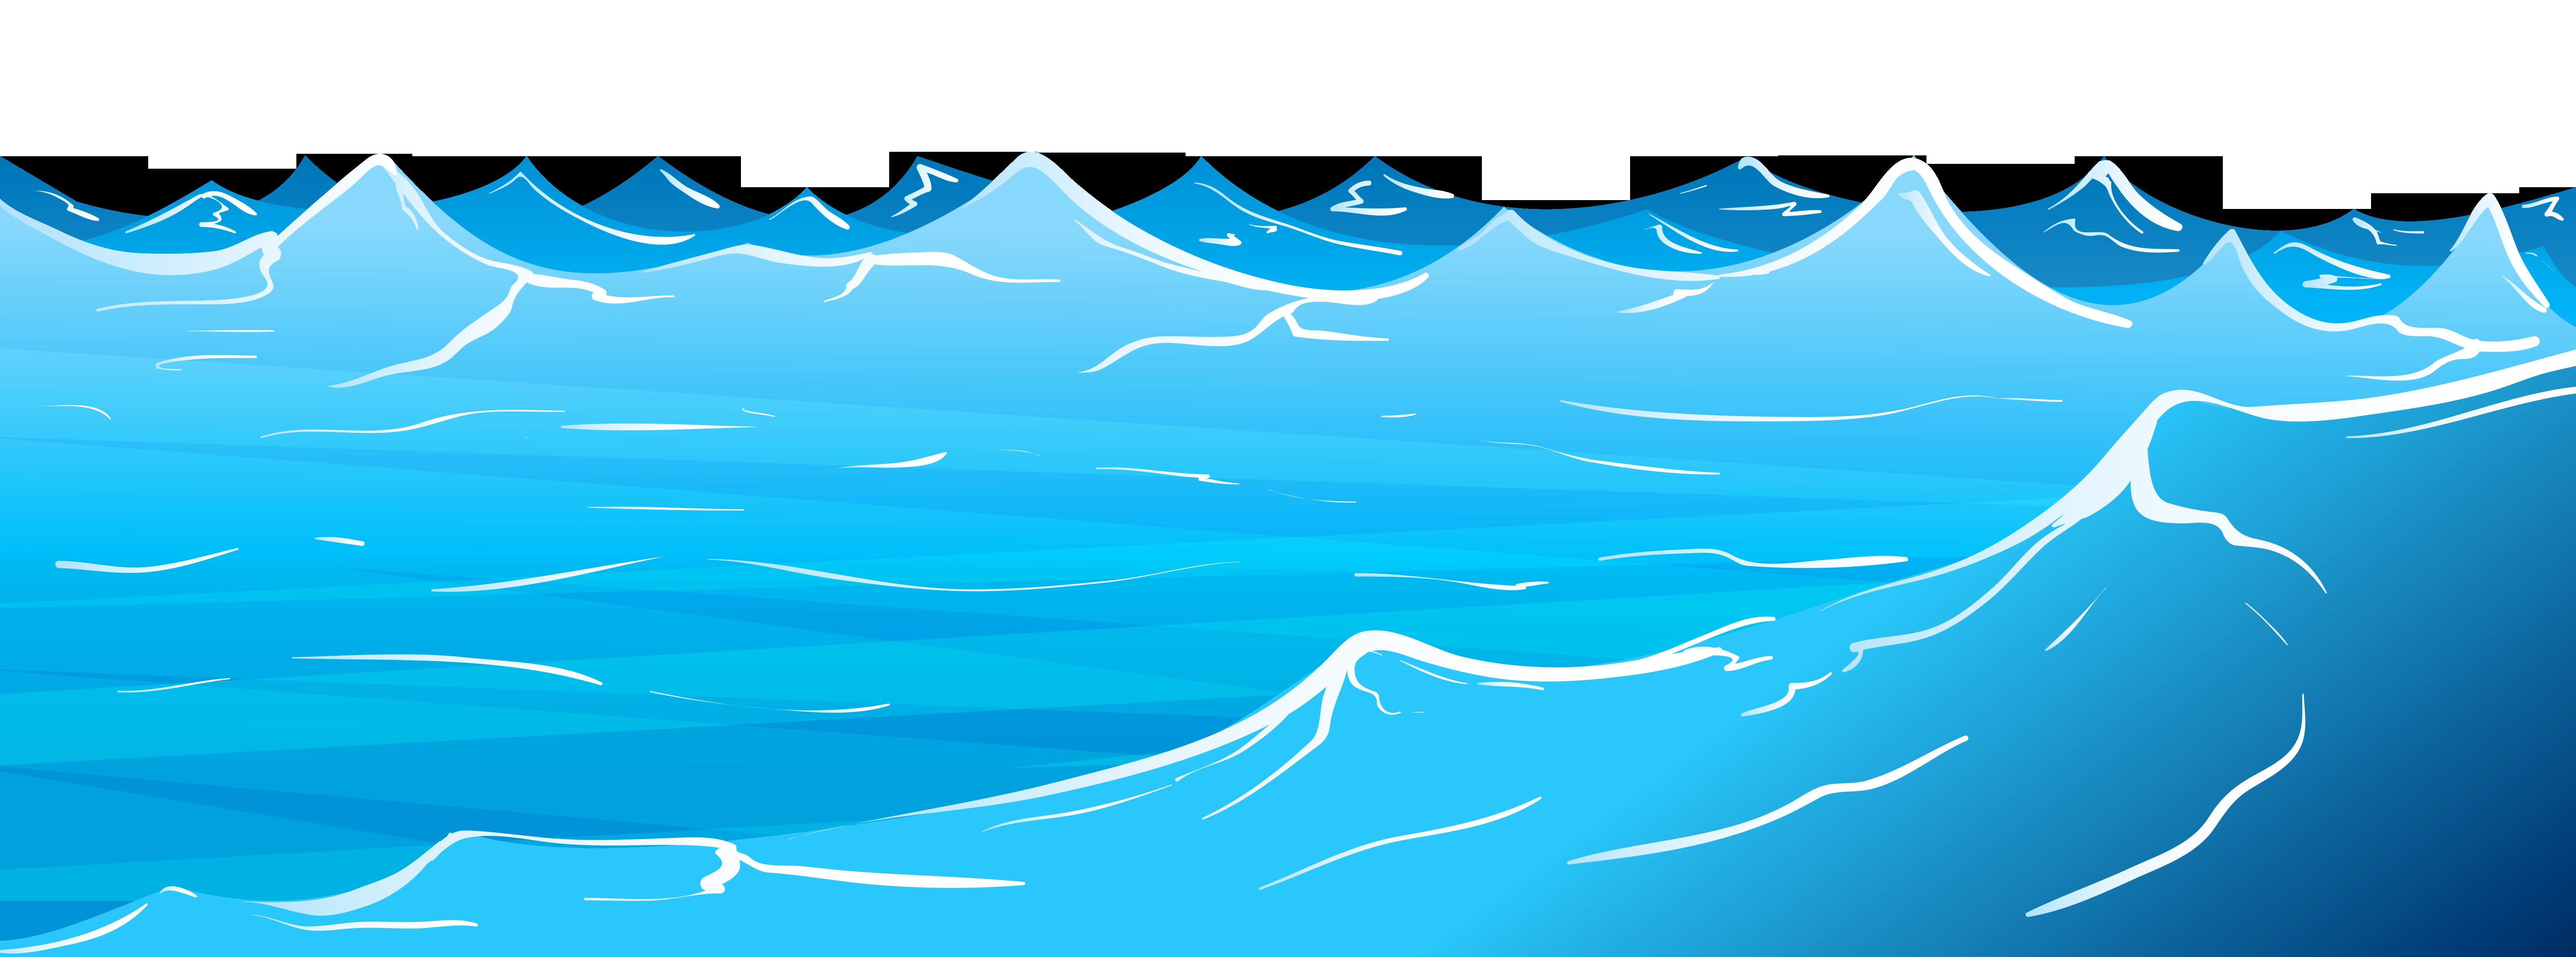 Free Ocean Clipart-Free Ocean Clipart-5